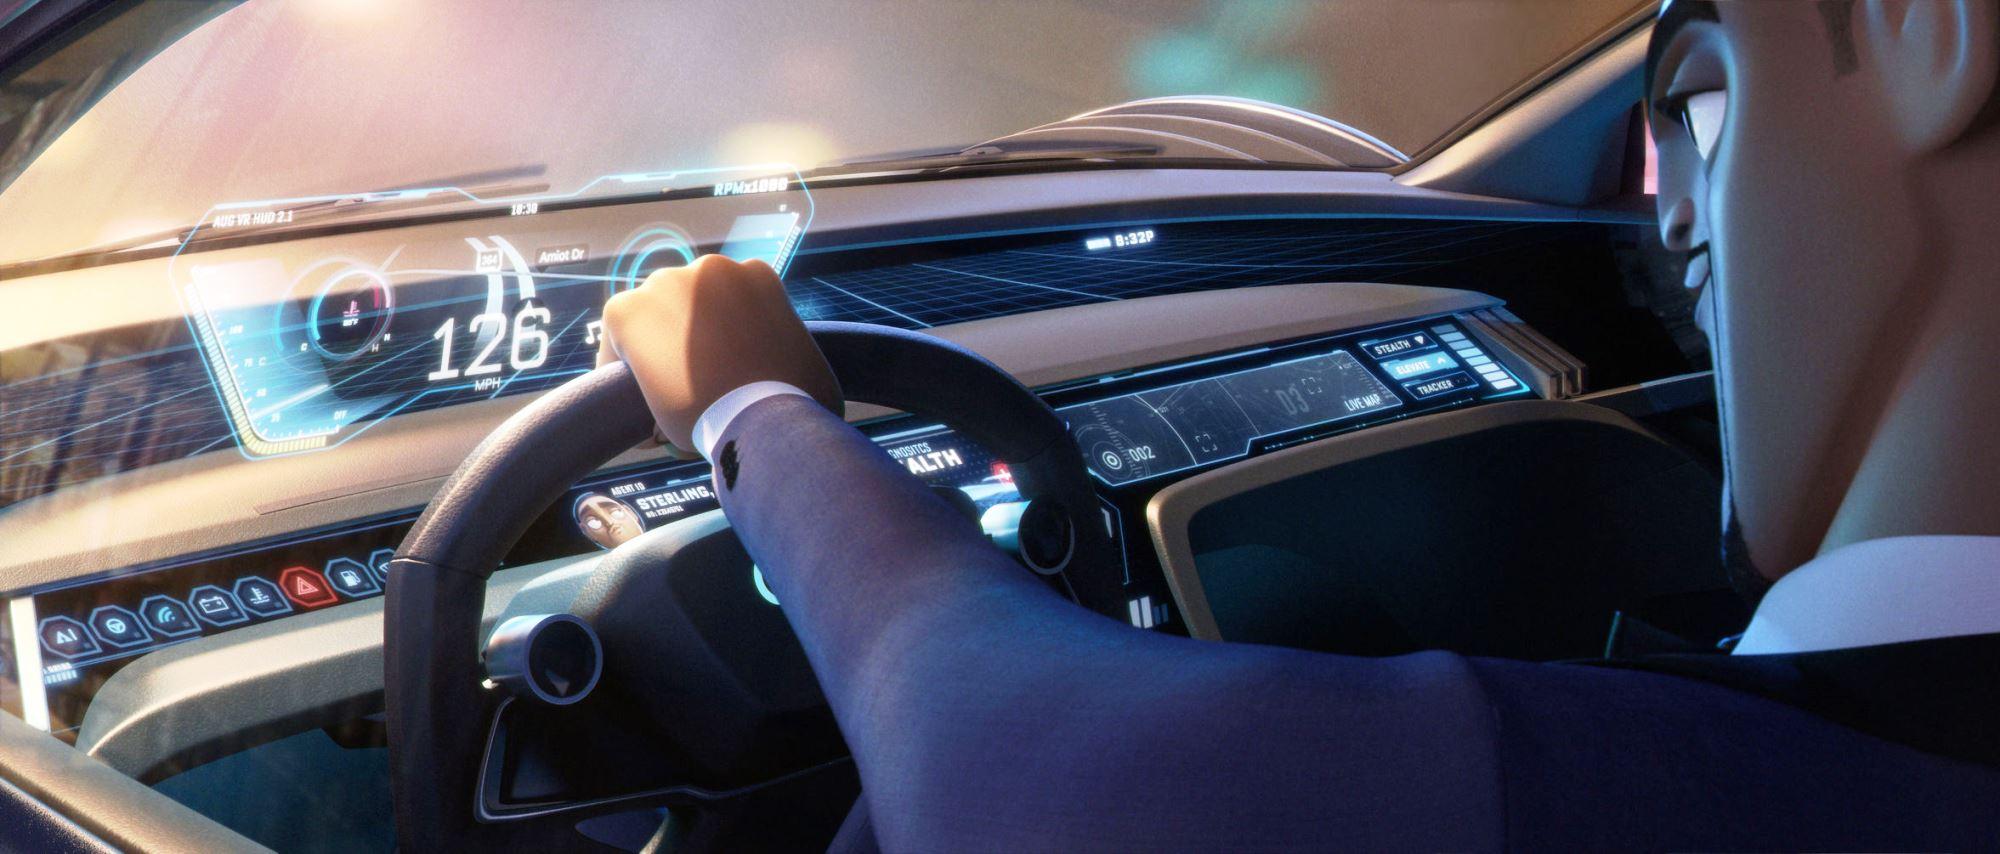 Audi RSQ e-tron interior